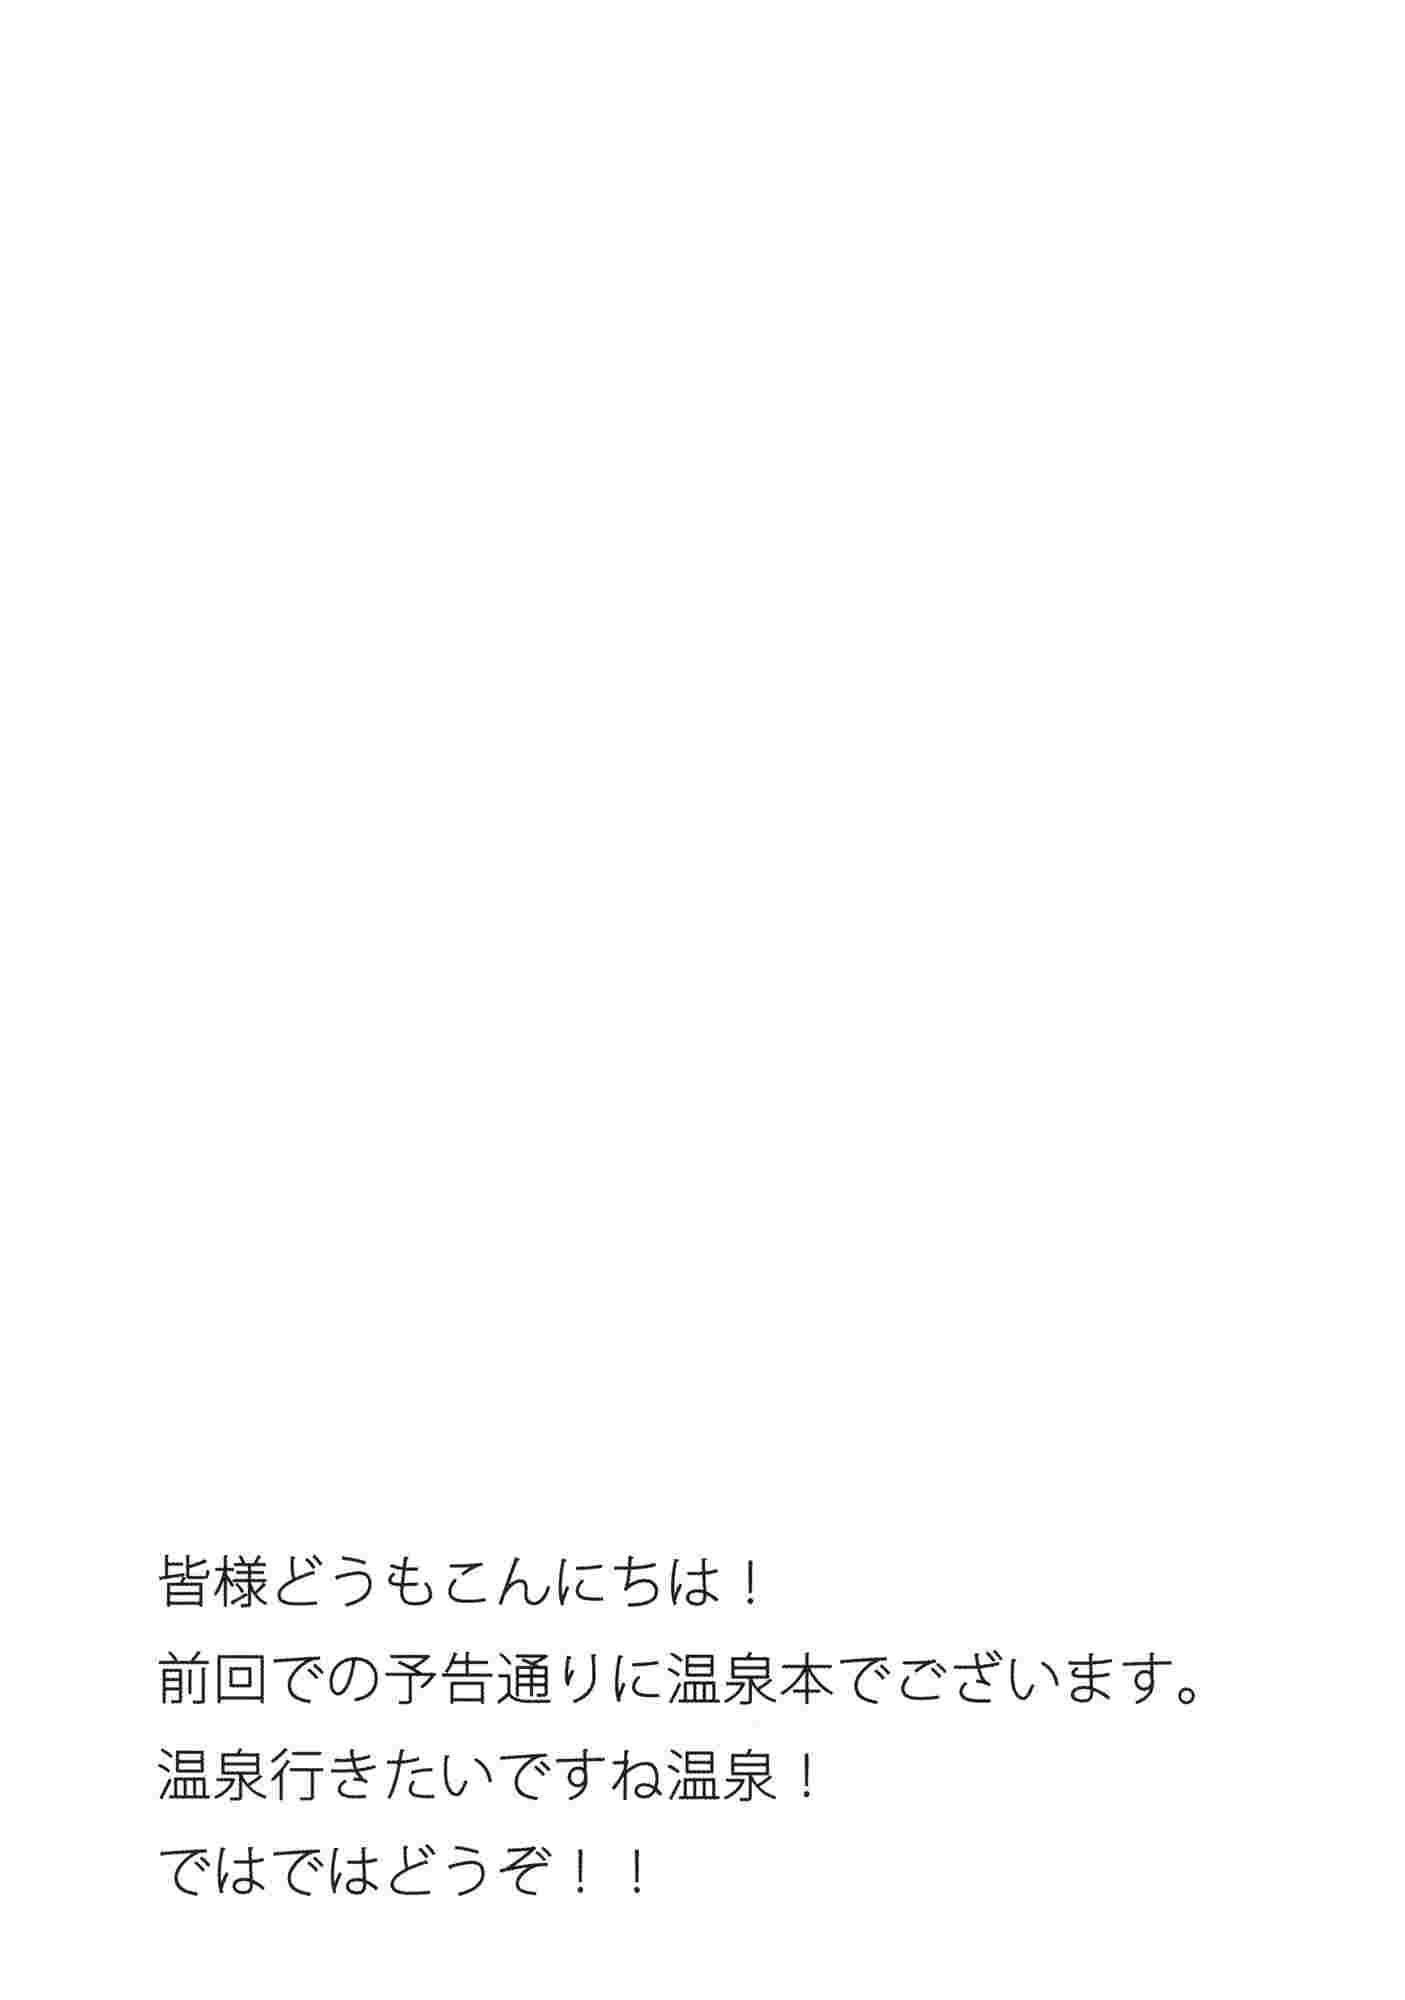 002055mnxtgbh38mp52j58.jpg